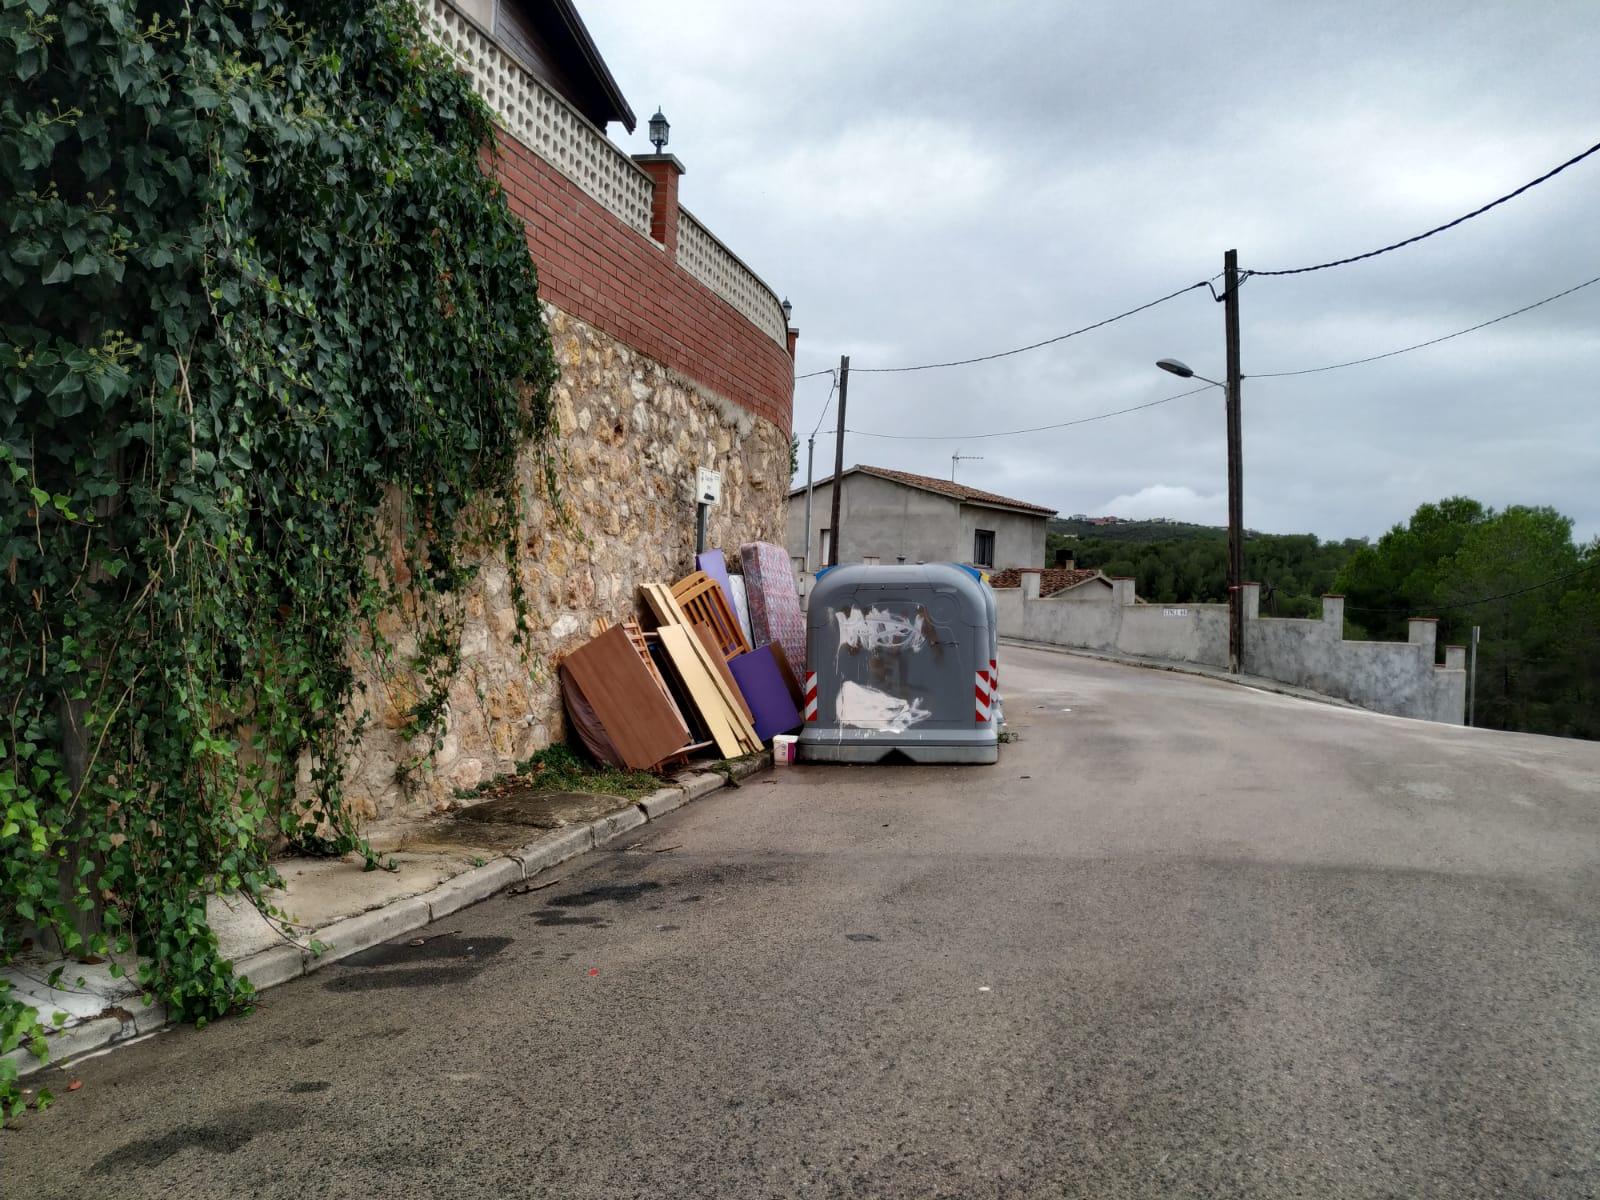 La Regidoria de Gestió de Residus lamenta que algunes persones segueixin fent un mal ús dels contenidors